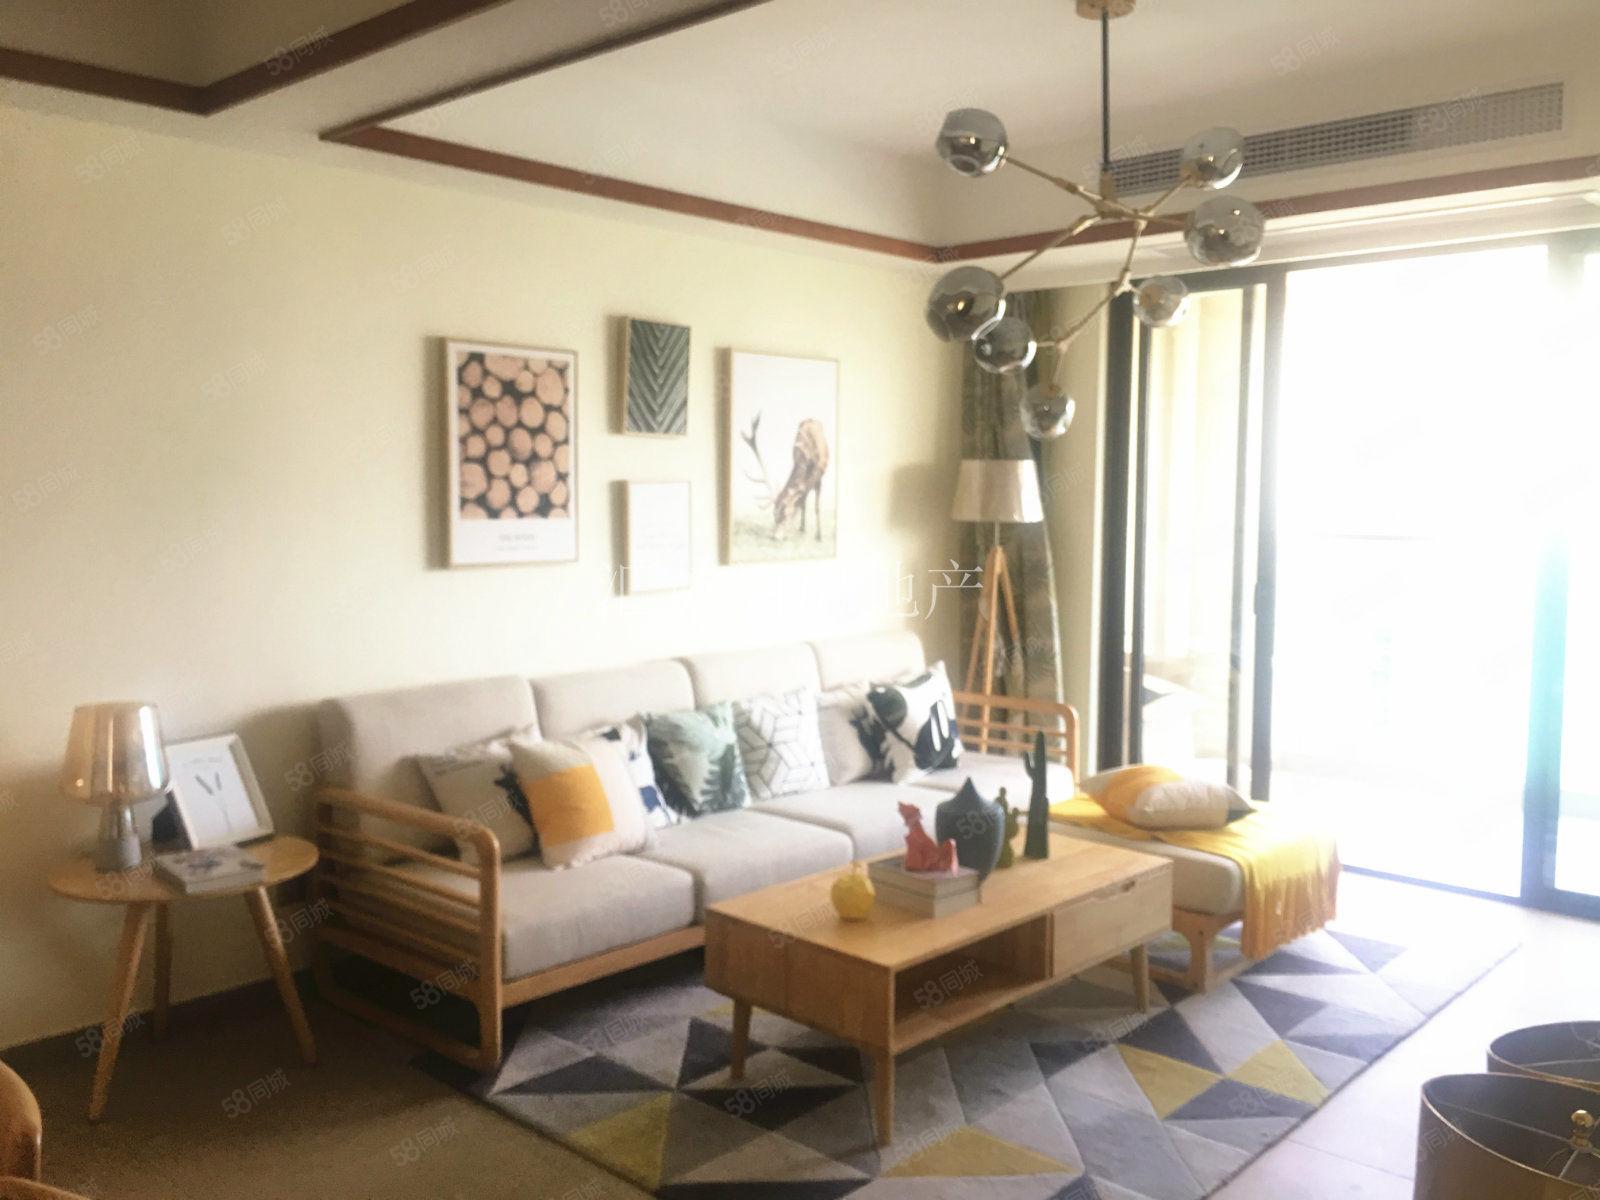 三亚市区(三亚星域)交通便利经典户型家具配齐拎包入住!